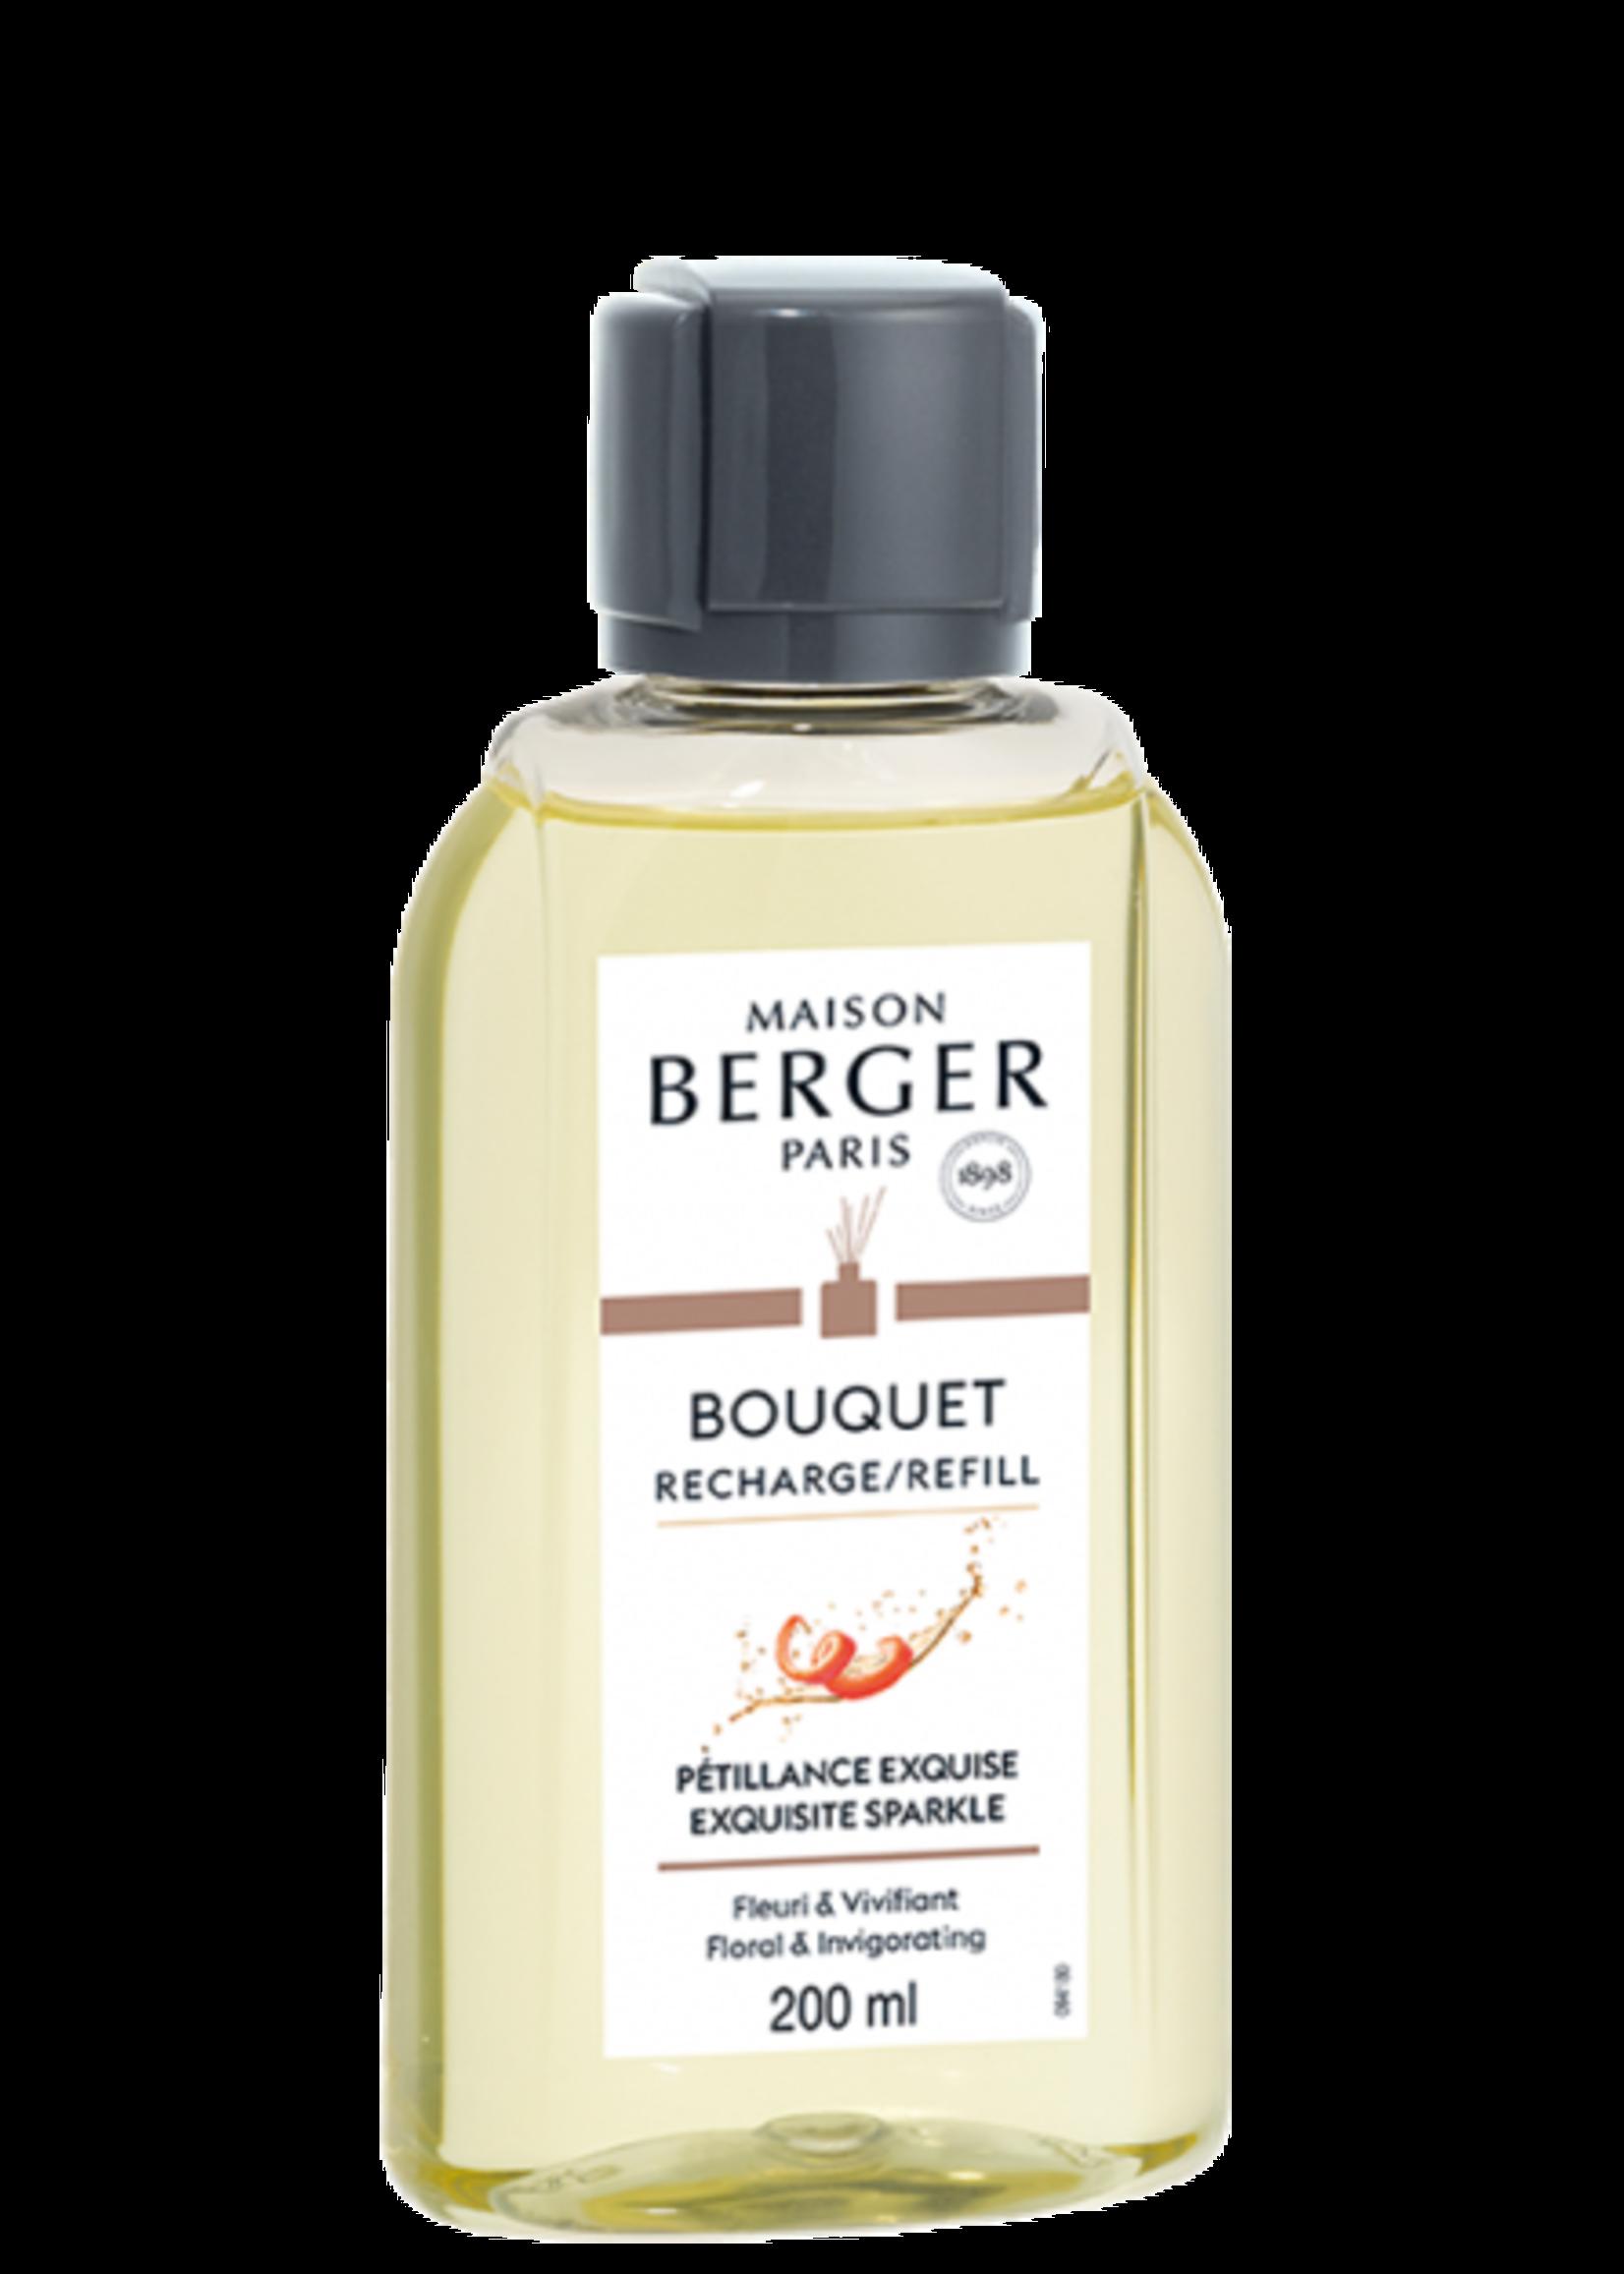 Parfum de Berger Navulling Parfum Berger Pétillance Exquise